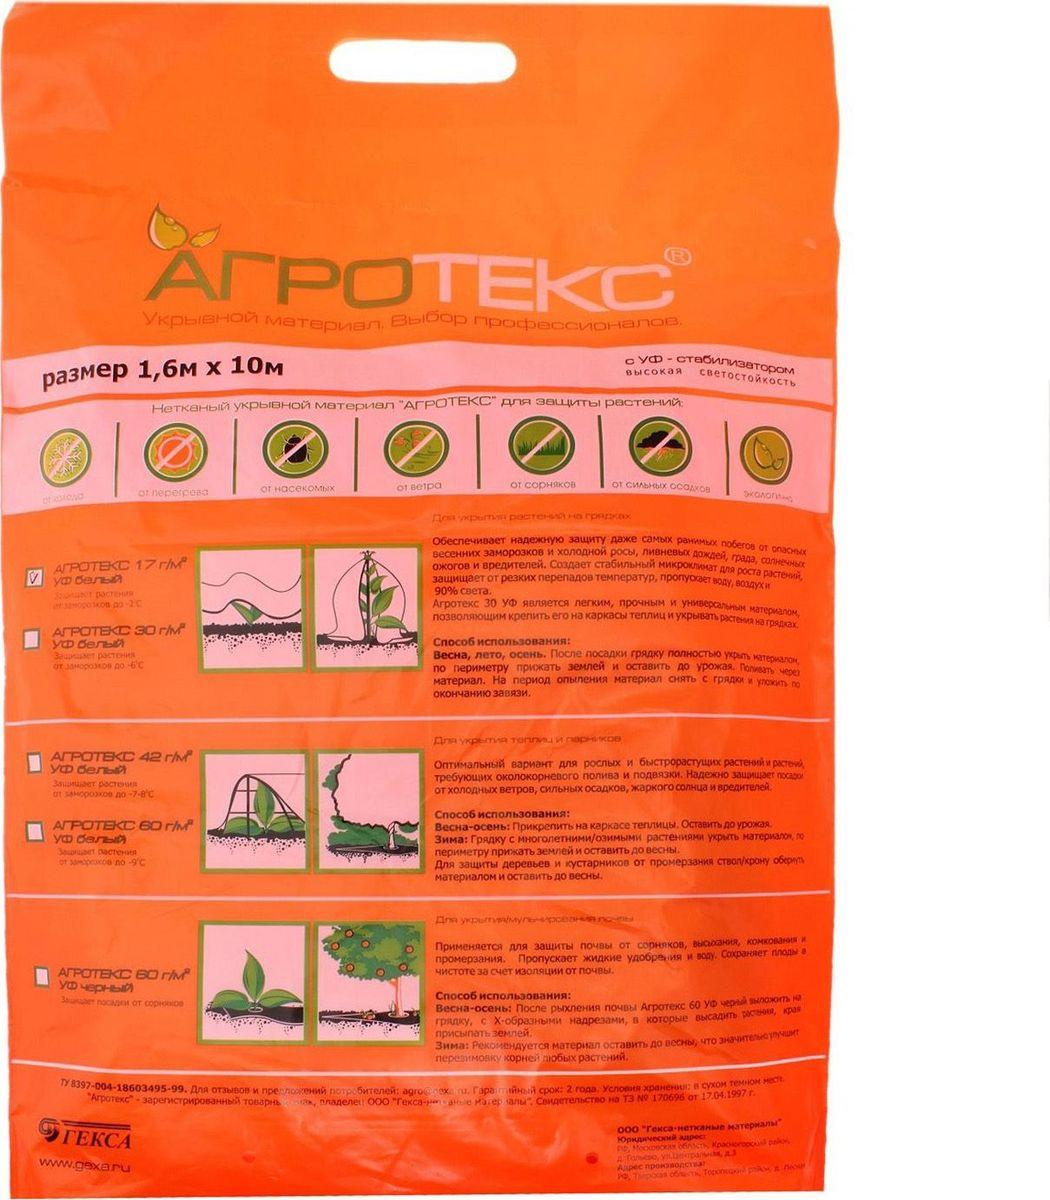 Материал укрывной Агротекс, цвет: белый, 10 х 1,6 м. 693568693568Многофункциональность, надежность и высокое качество - вот отличительные черты укрывного материала Агротекс. Укрывной материал можно использовать на грядках. Благодаря специально разработанной текстуре он обеспечит надежную защиту даже самых ранних побегов от: -заморозков; -солнечных ожогов; -холодной росы; -дождей; -птиц и грызунов. Материал создает мягкий, комфортный микроклимат, который способствует росту и развитию рассады. Благодаря новейшим разработкам укрывной материал удерживает влагу, и растения реже нуждаются в поливе. Ближе к зиме опытные садоводы укутывают им стволы деревьев, теплицы и грядки, чтобы исключить промерзание земли и корневой системы. Материал Агротекс поможет вам ускорить процесс созревания растений, повысит урожайность, сэкономит средства и силы по уходу за садом. Плотность материала: 17 г/м2.